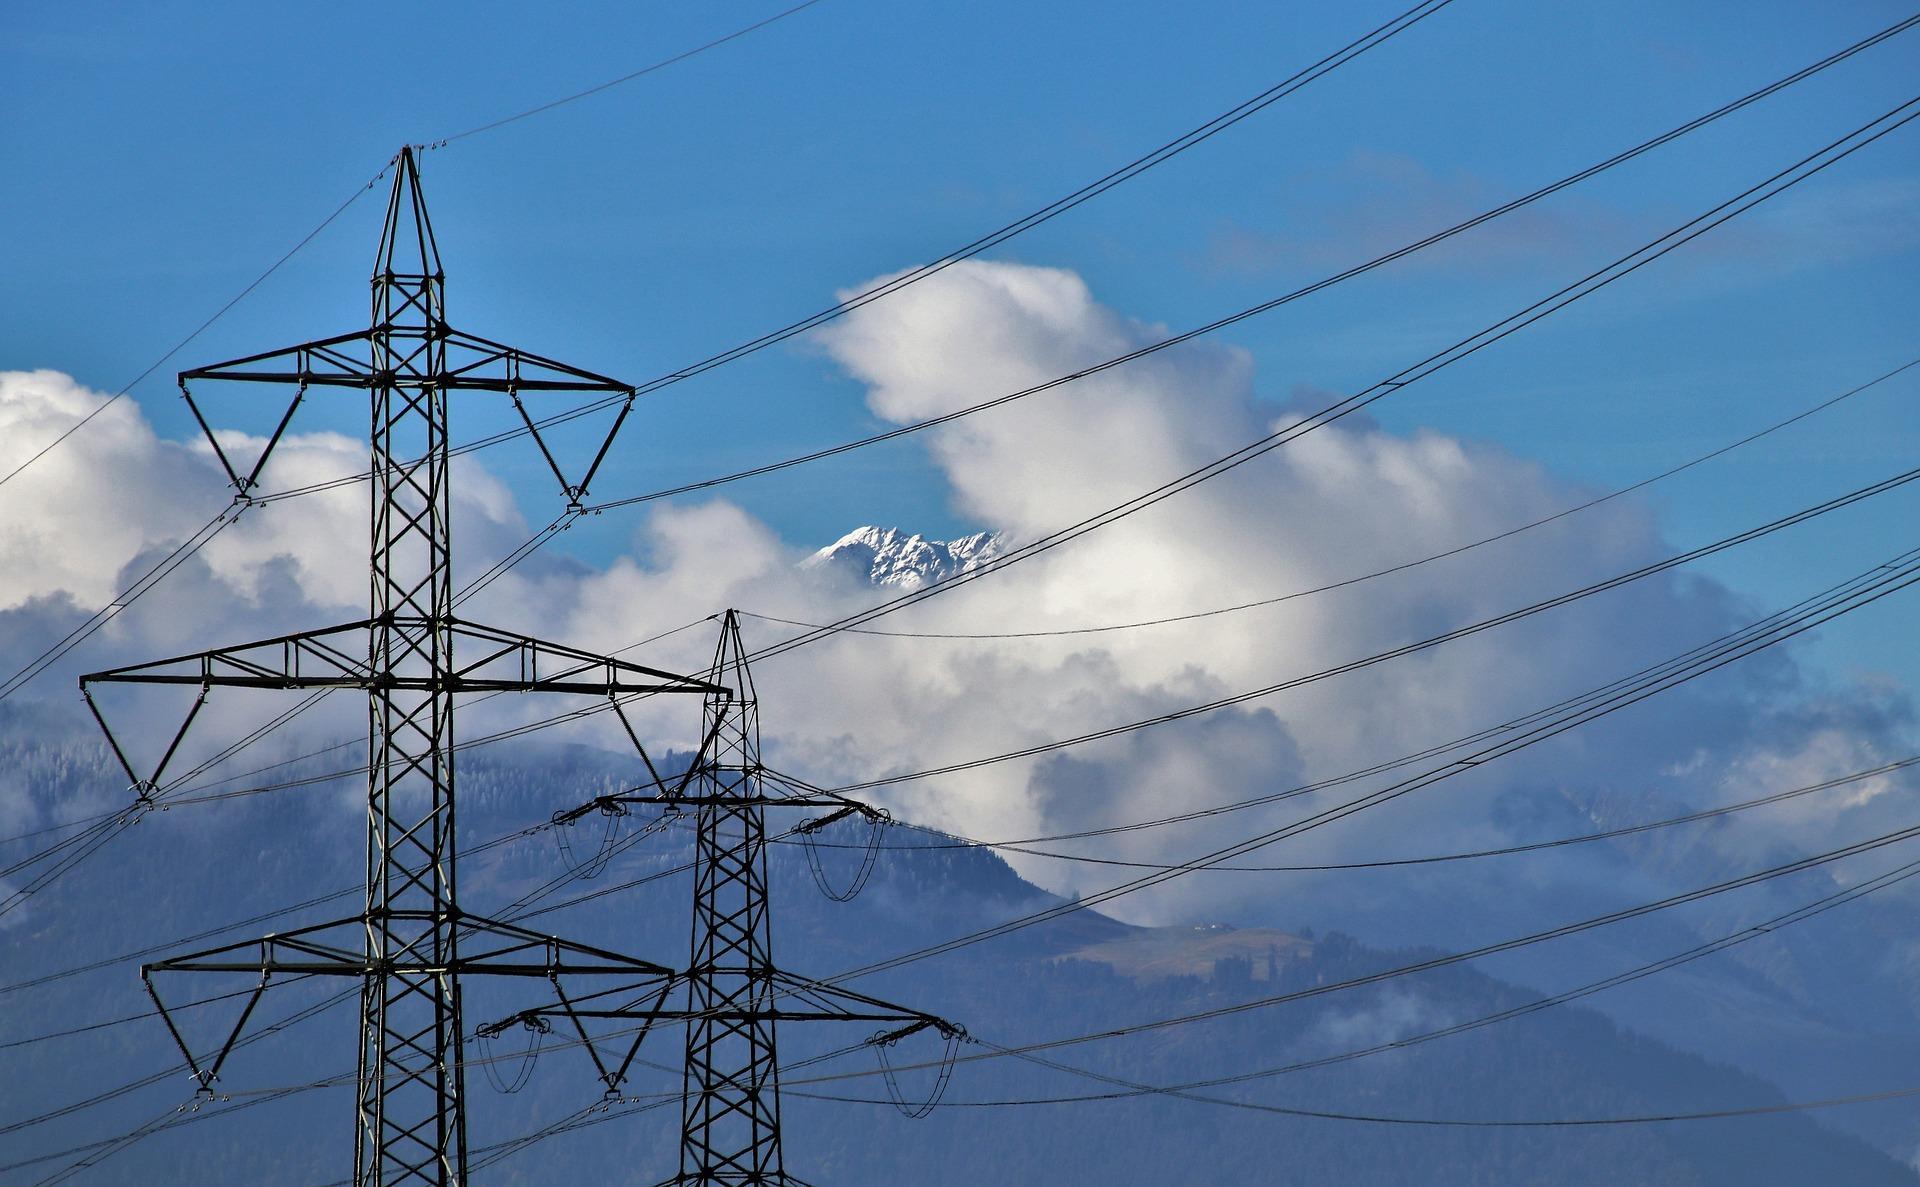 Die Höchstspannungsleitung und die Immissionen durch elektromagnetische Felder